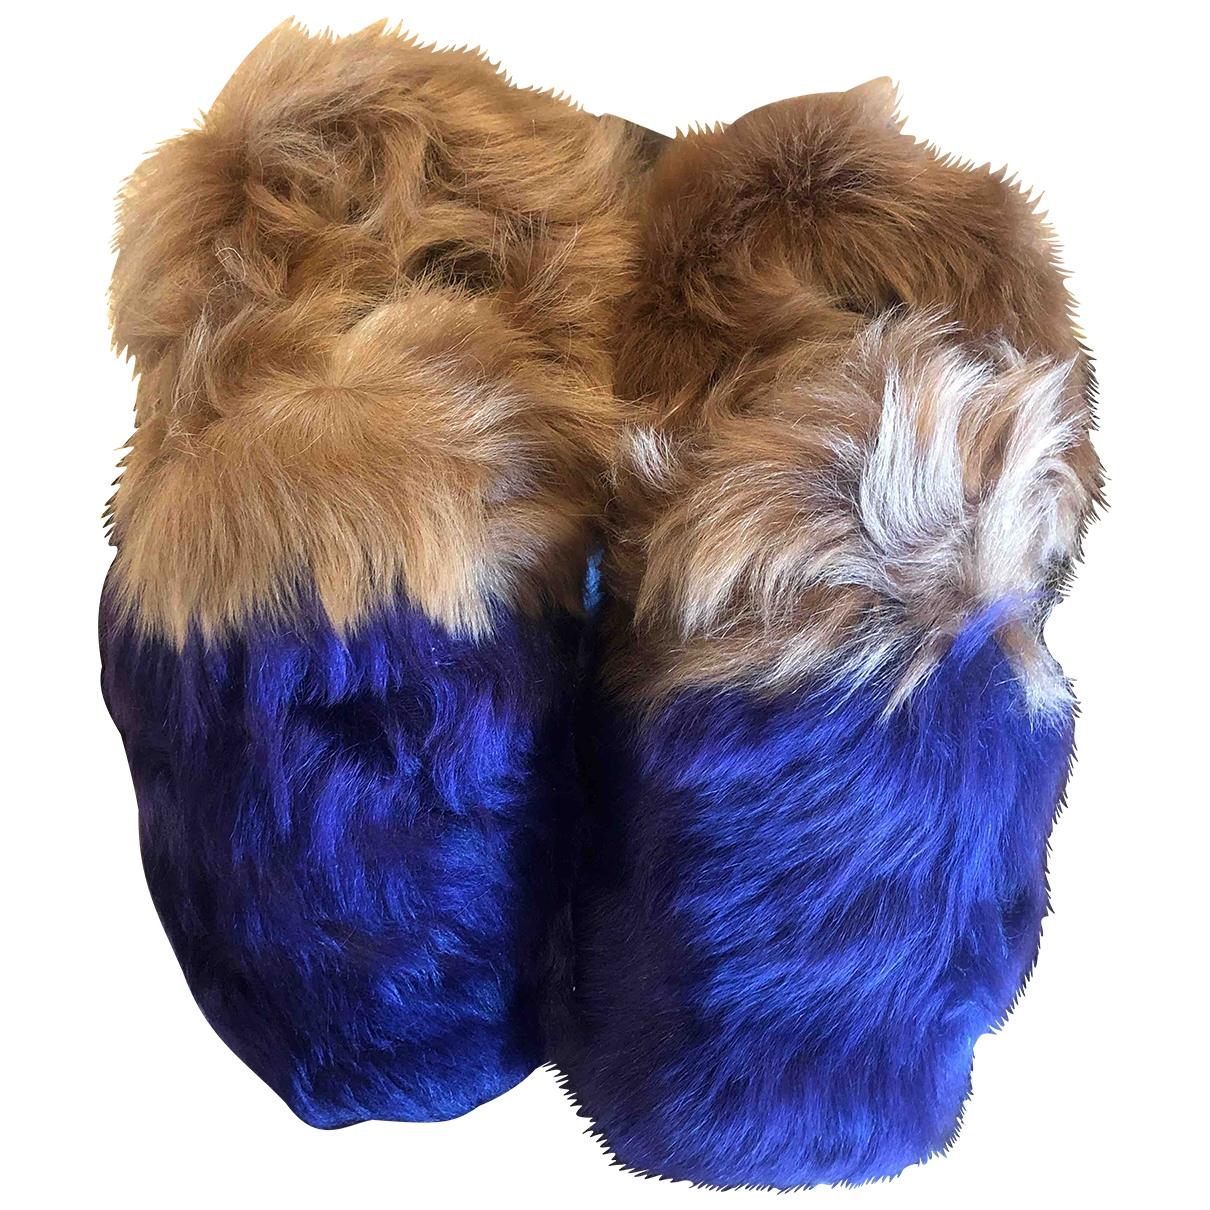 Carshoe \N Purple Shearling Mules & Clogs for Women 40 EU